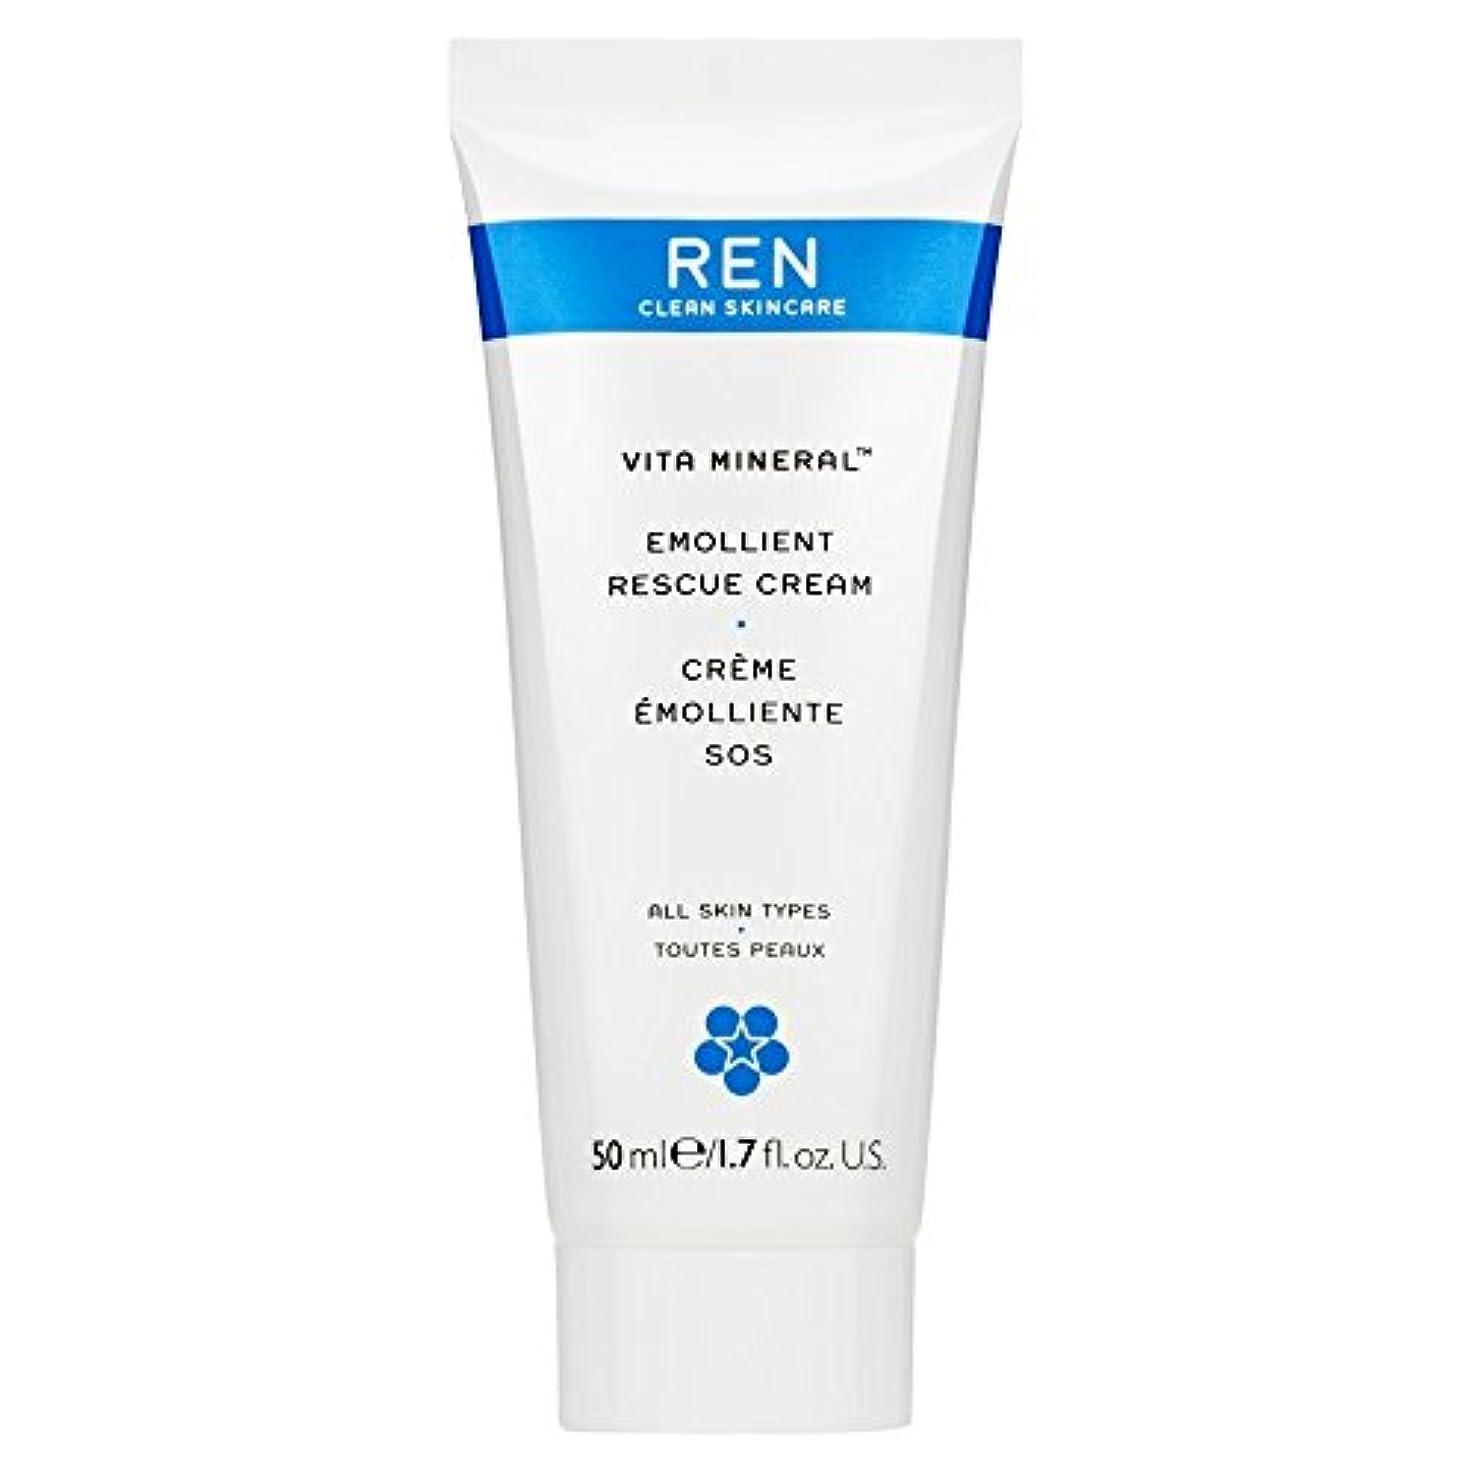 ログあえて着替えるRenヴィータミネラルレスキュークリーム、50ミリリットル (REN) - REN Vita Mineral Rescue Cream, 50ml [並行輸入品]